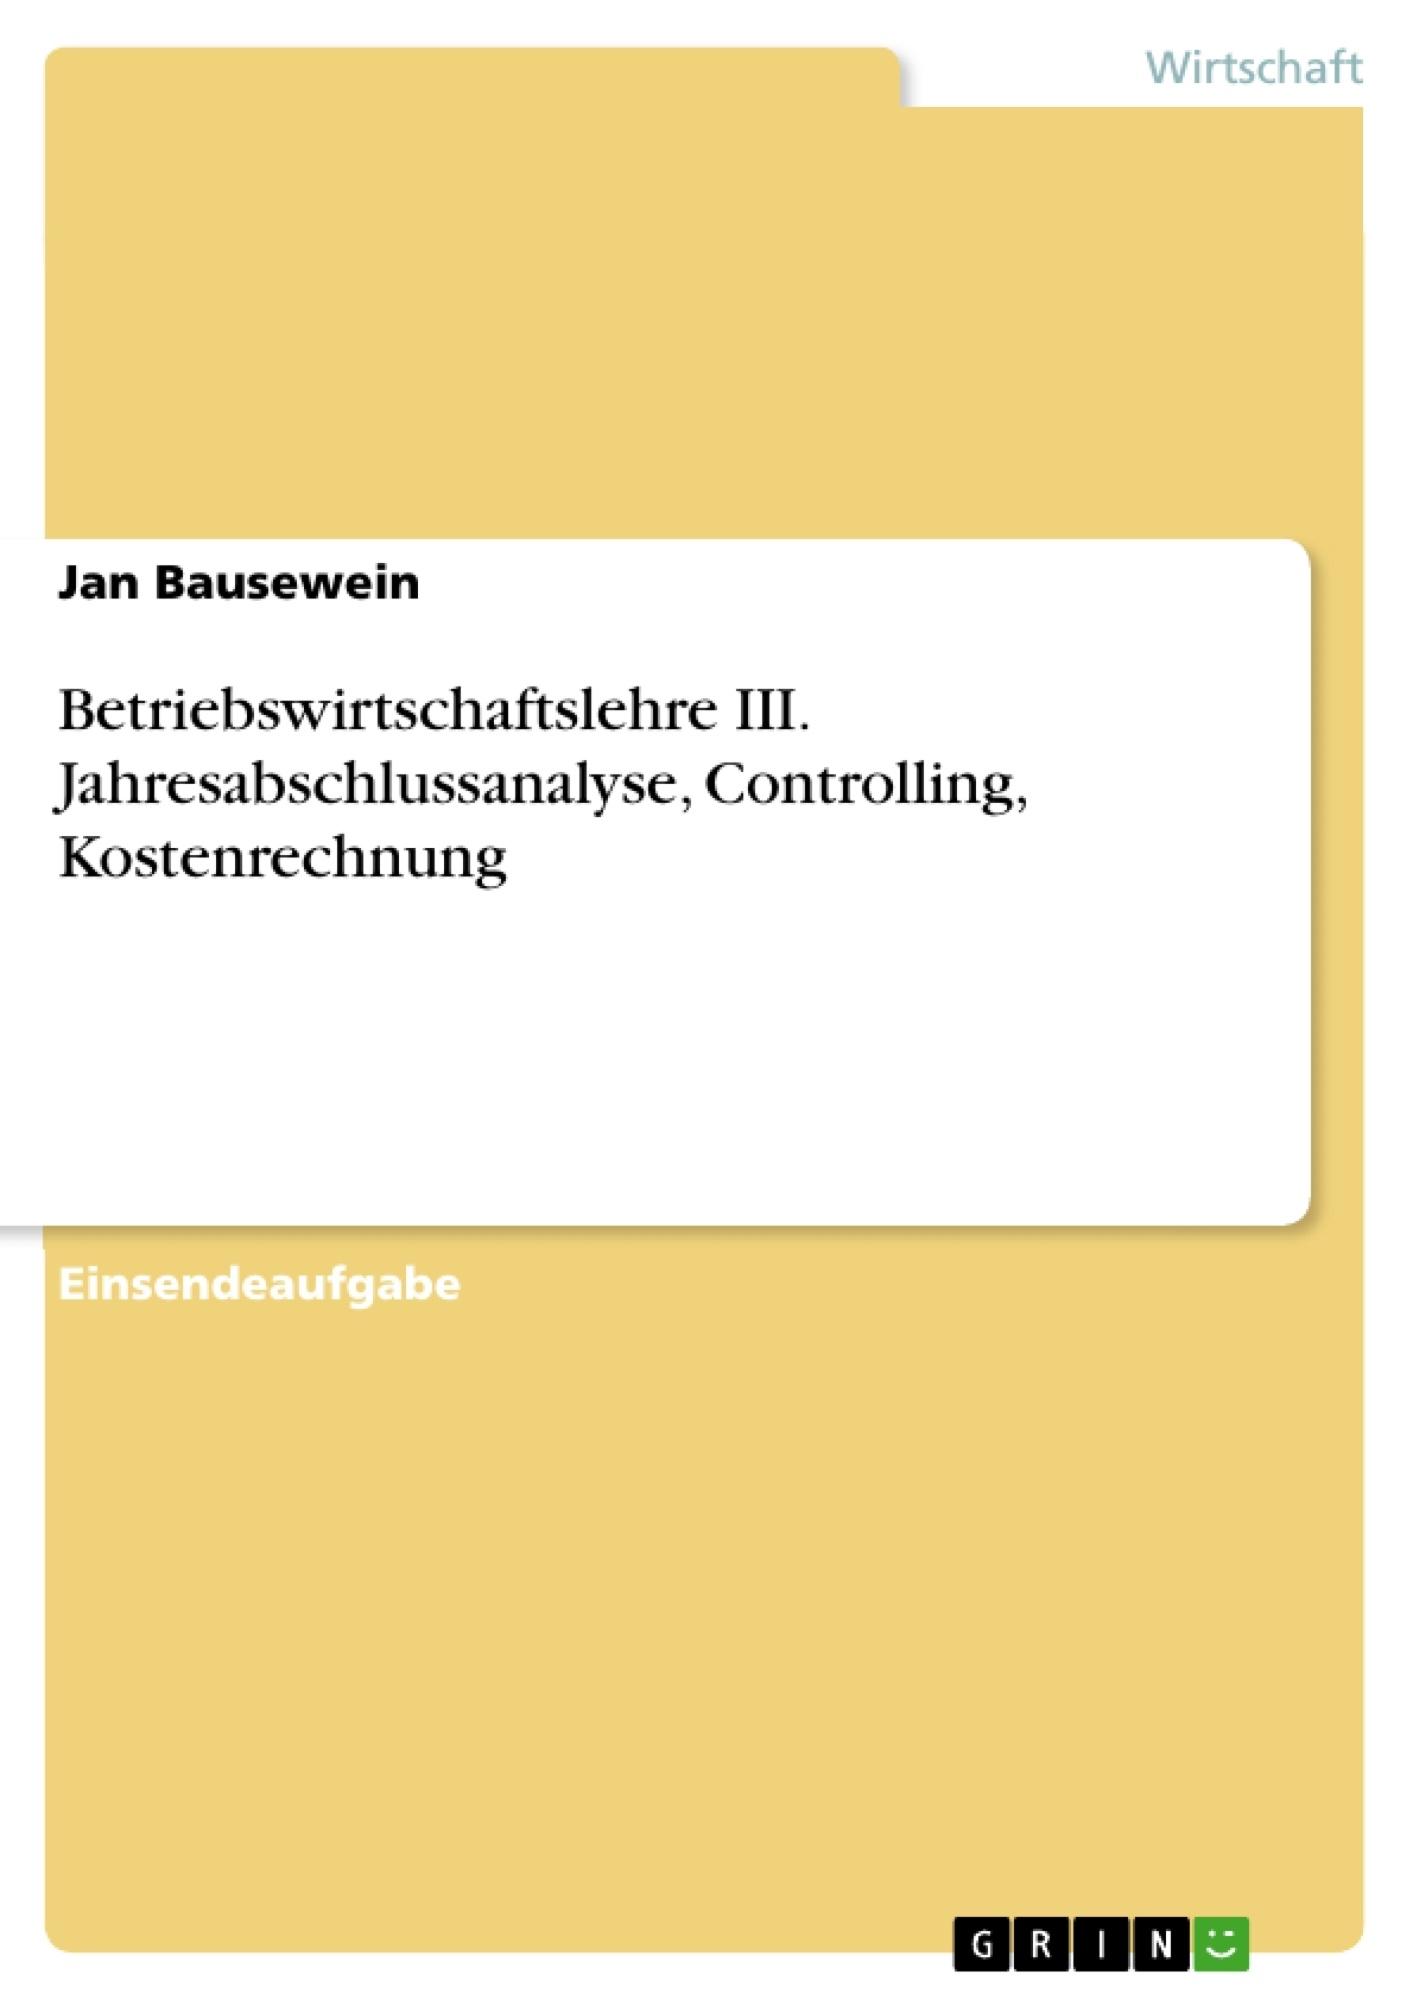 Titel: Betriebswirtschaftslehre III. Jahresabschlussanalyse, Controlling, Kostenrechnung